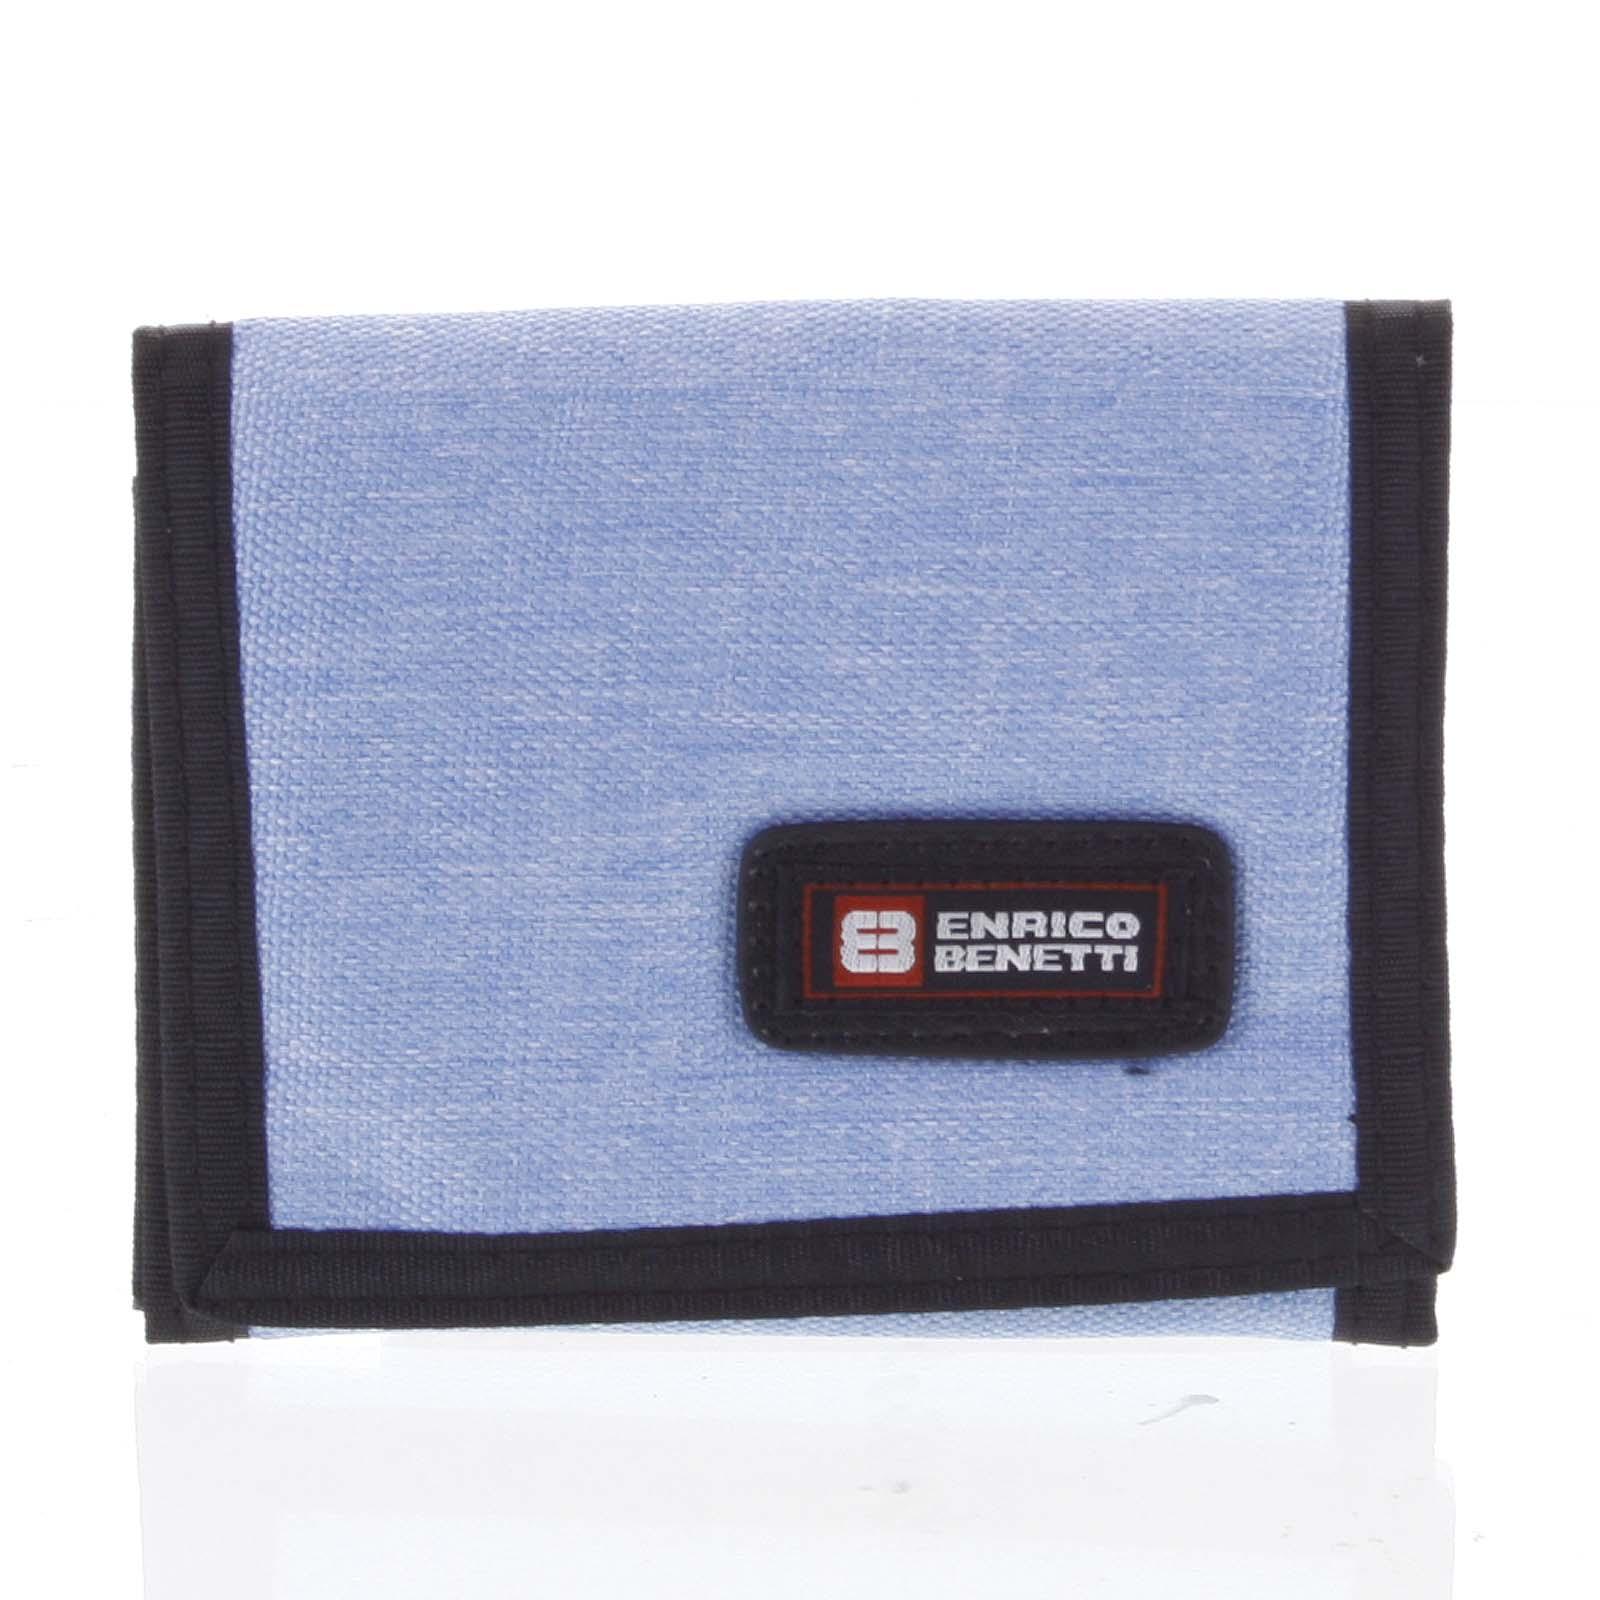 Peňaženka látková svetlomodrá - Enrico Benetti 4600 modrá